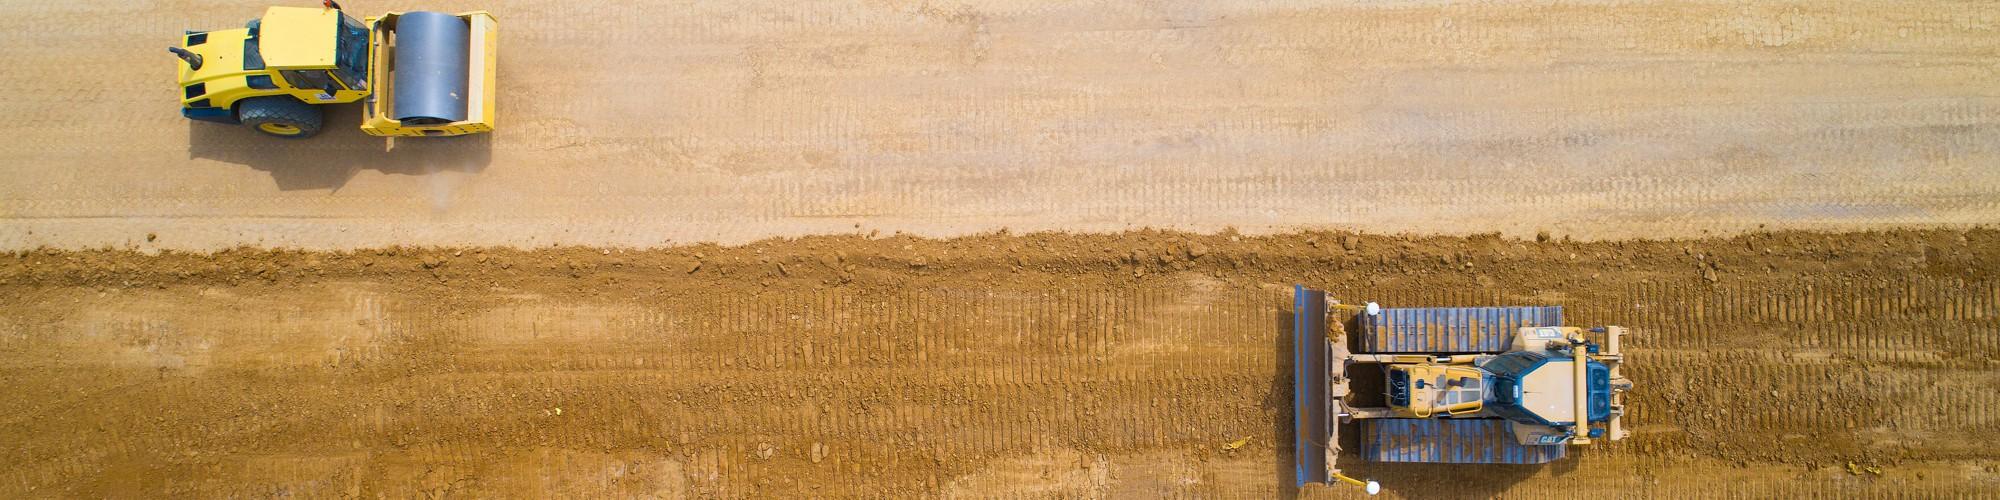 Bild Planierraupe und Walze